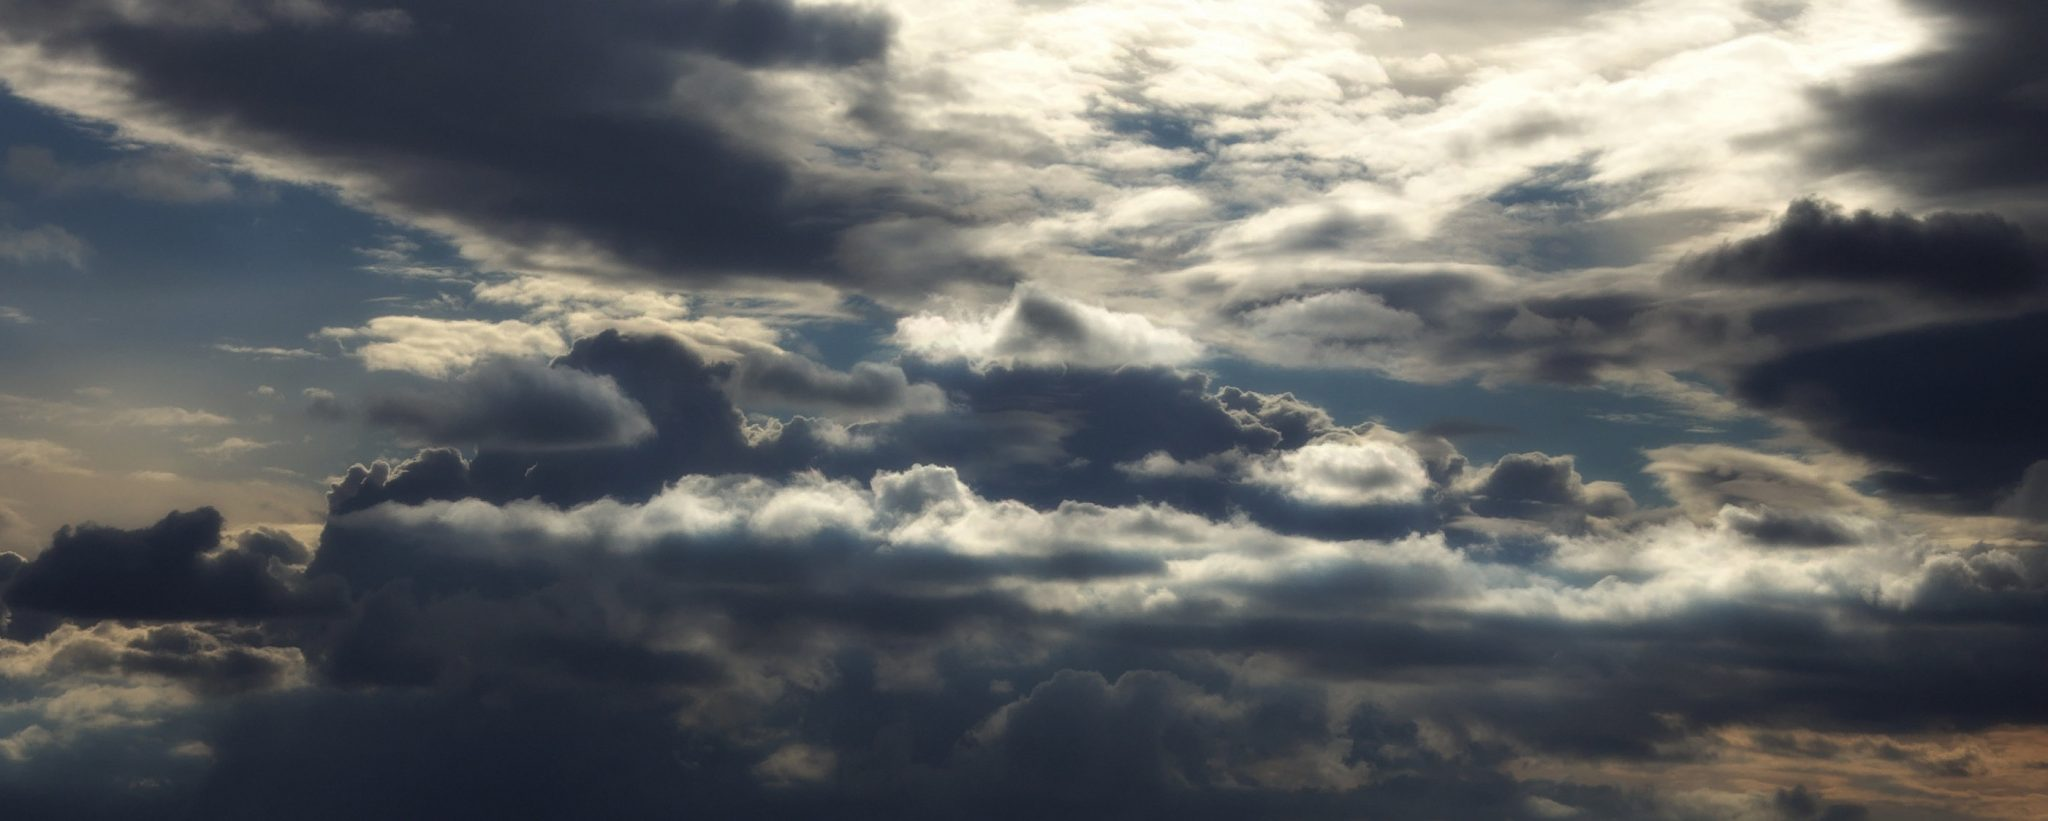 sky-1107579